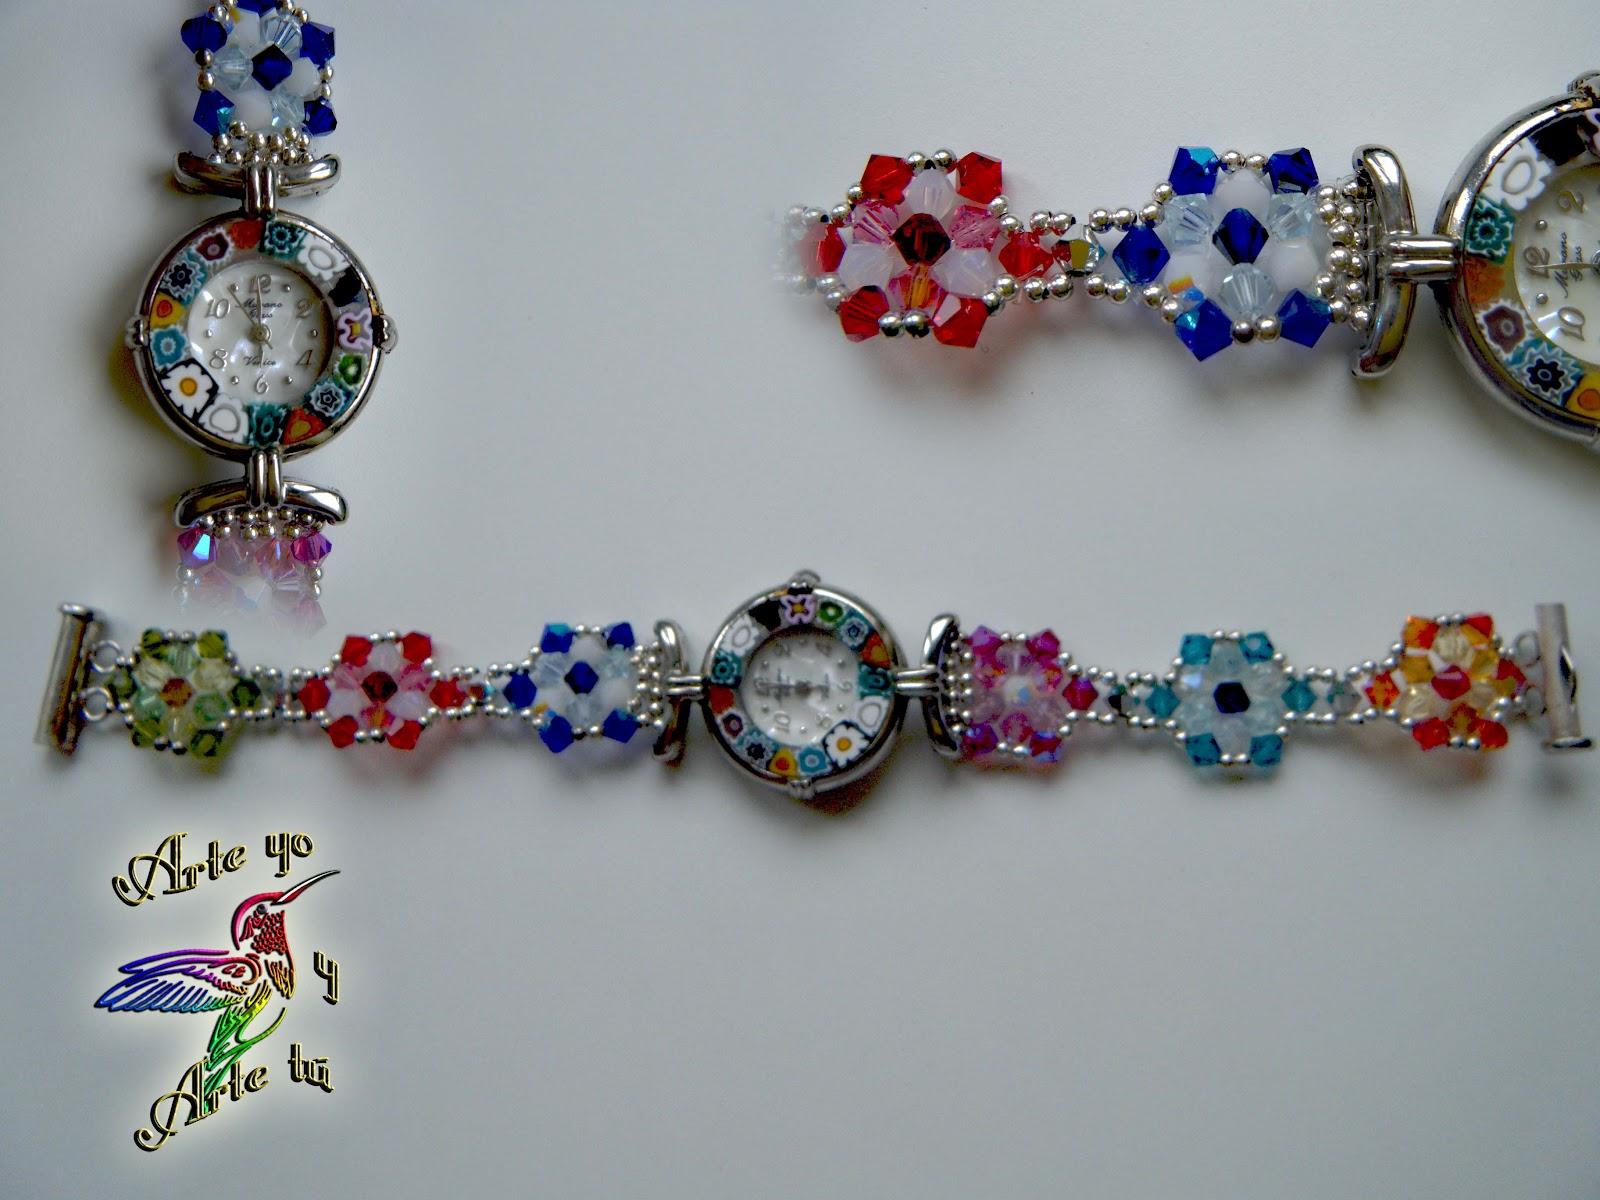 Como podeis ver, además de pulseras, se pueden realizar algunos diseños como correas de reloj, adaptándonos al color y diseño de la esfera del reloj.